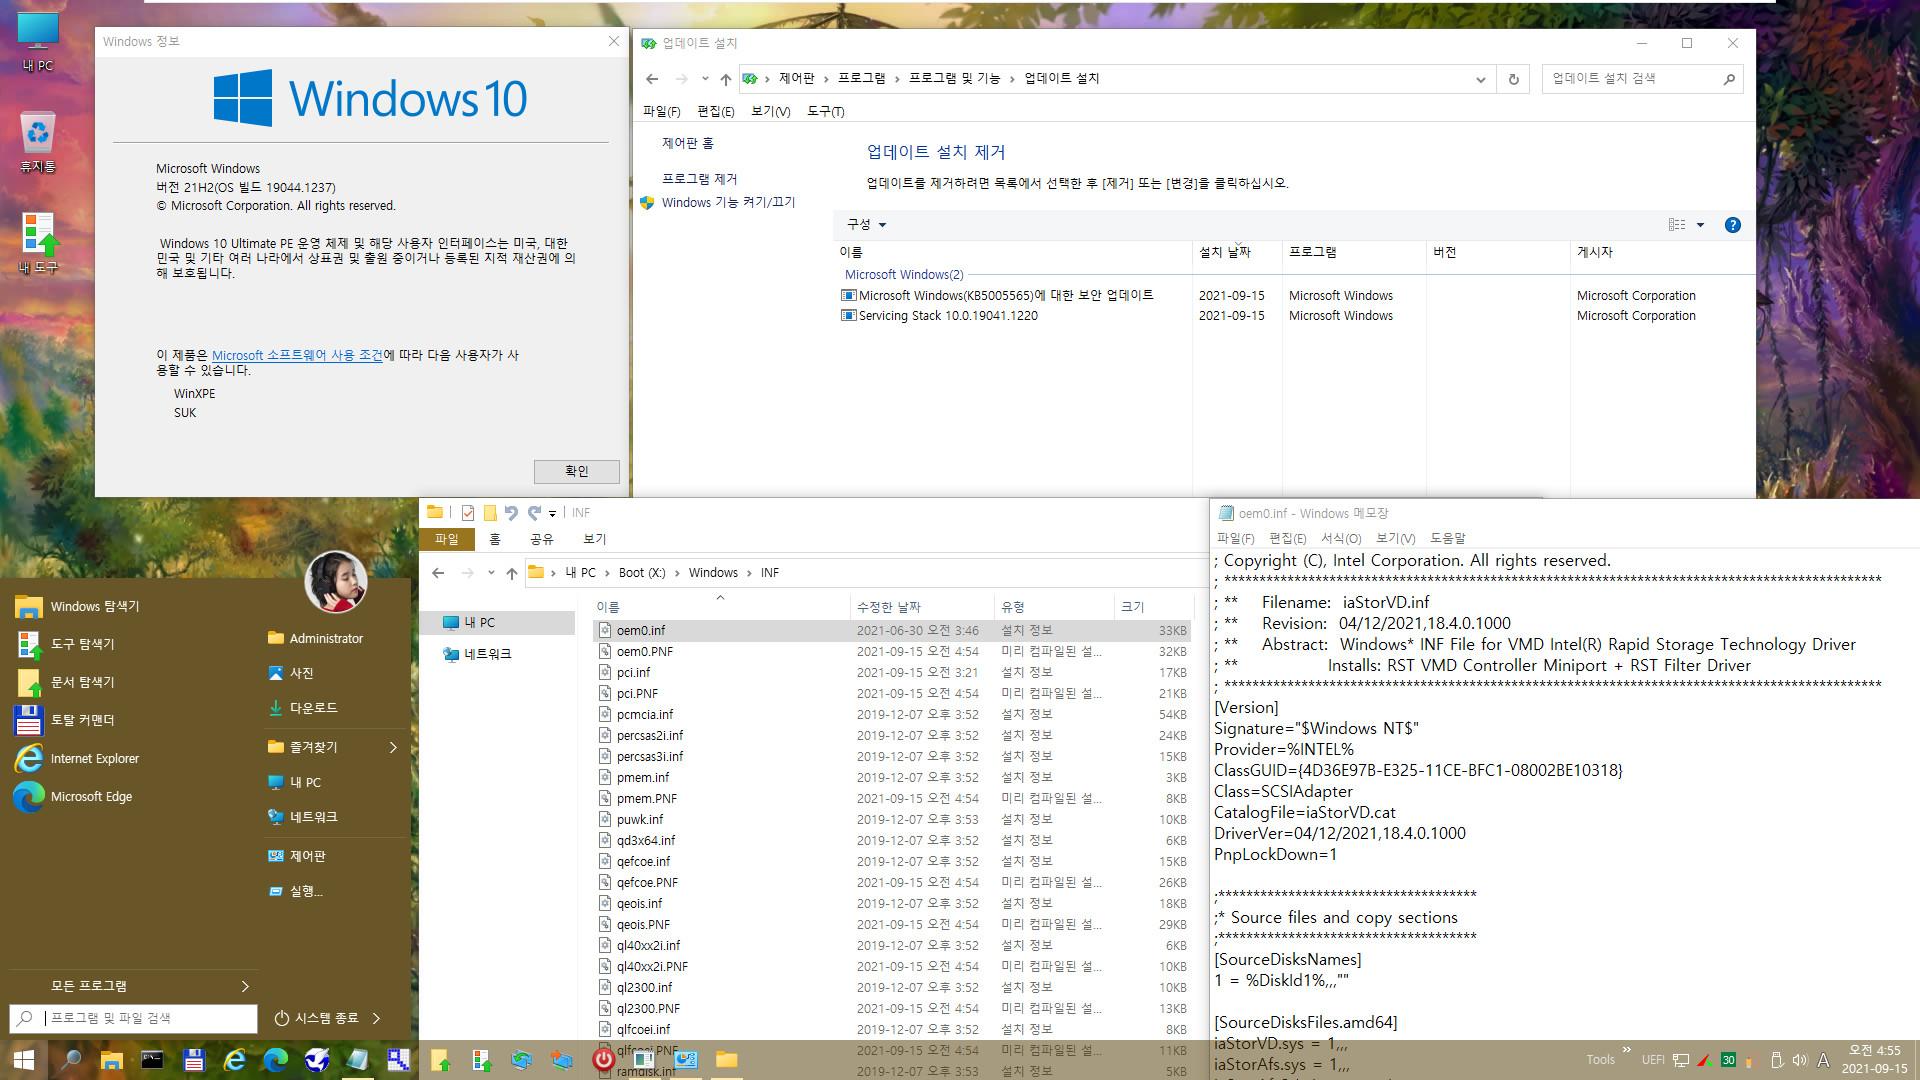 2021-09-15 정기 업데이트 - PRO x64 4개 버전 통합 - Windows 10 버전 2004, 빌드 19041.1237 + 버전 20H2, 빌드 19042.1237 + 버전 21H1, 빌드 19043.1237 + 버전 21H2, 빌드 19044.1237 - 공용 누적 업데이트 KB5005565 - 2021-09-15_045551.jpg